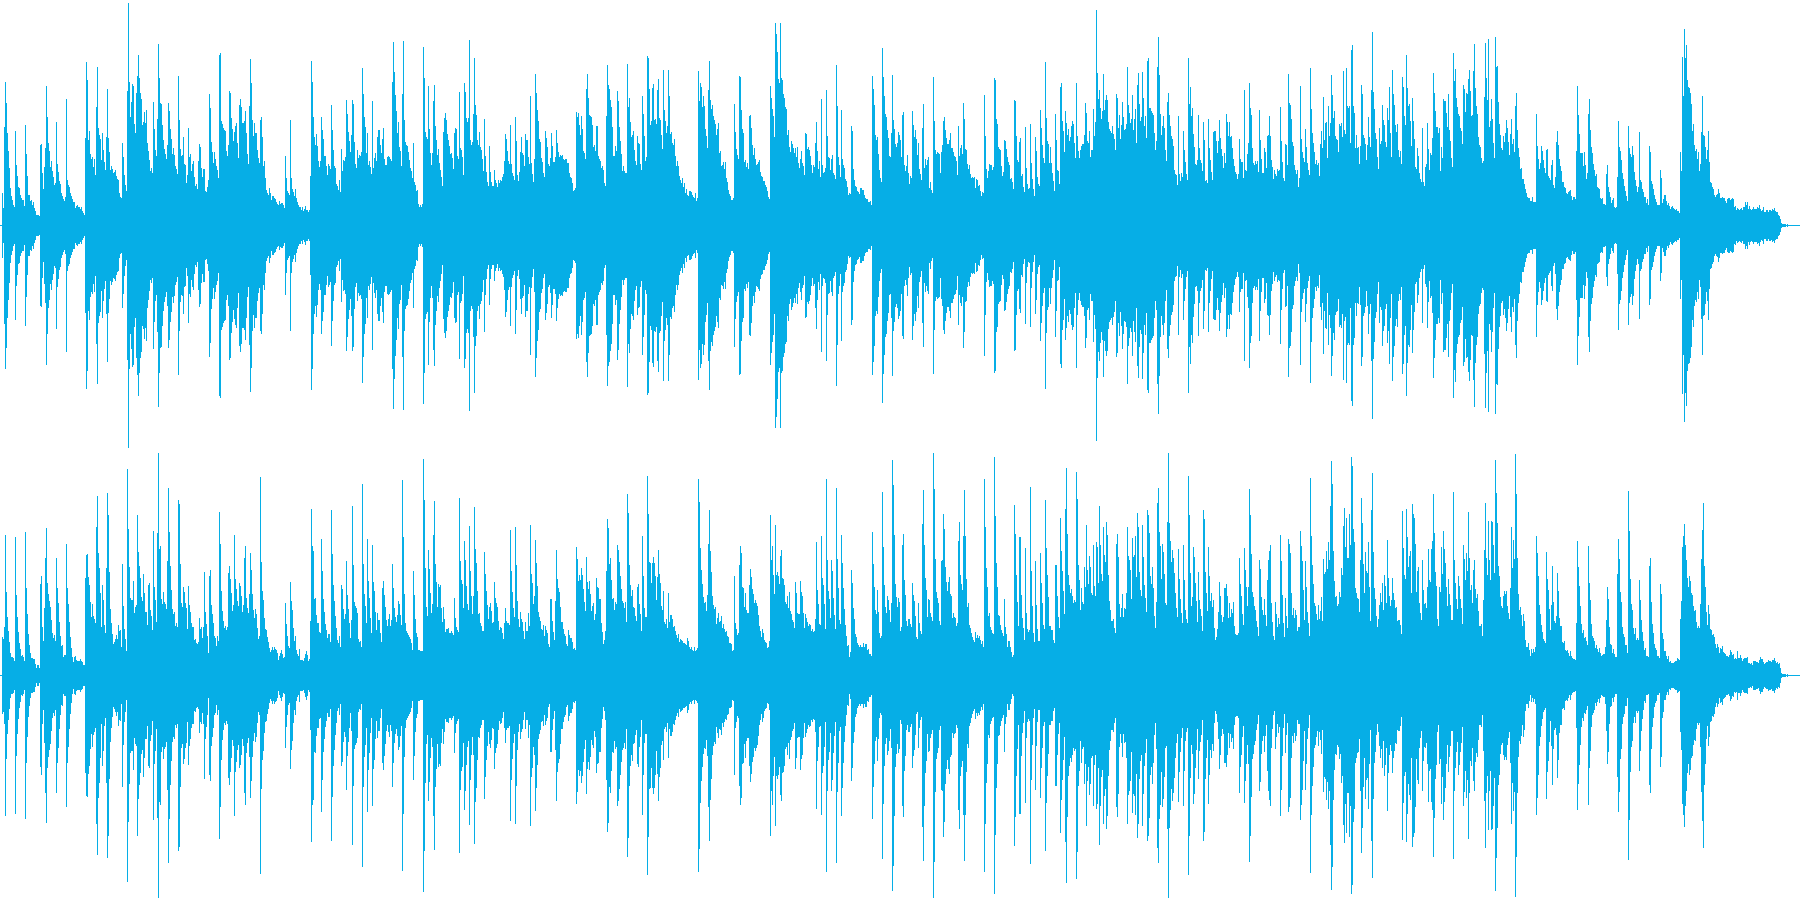 静かにきらめくようなピアノ曲 結婚式等にの再生済みの波形